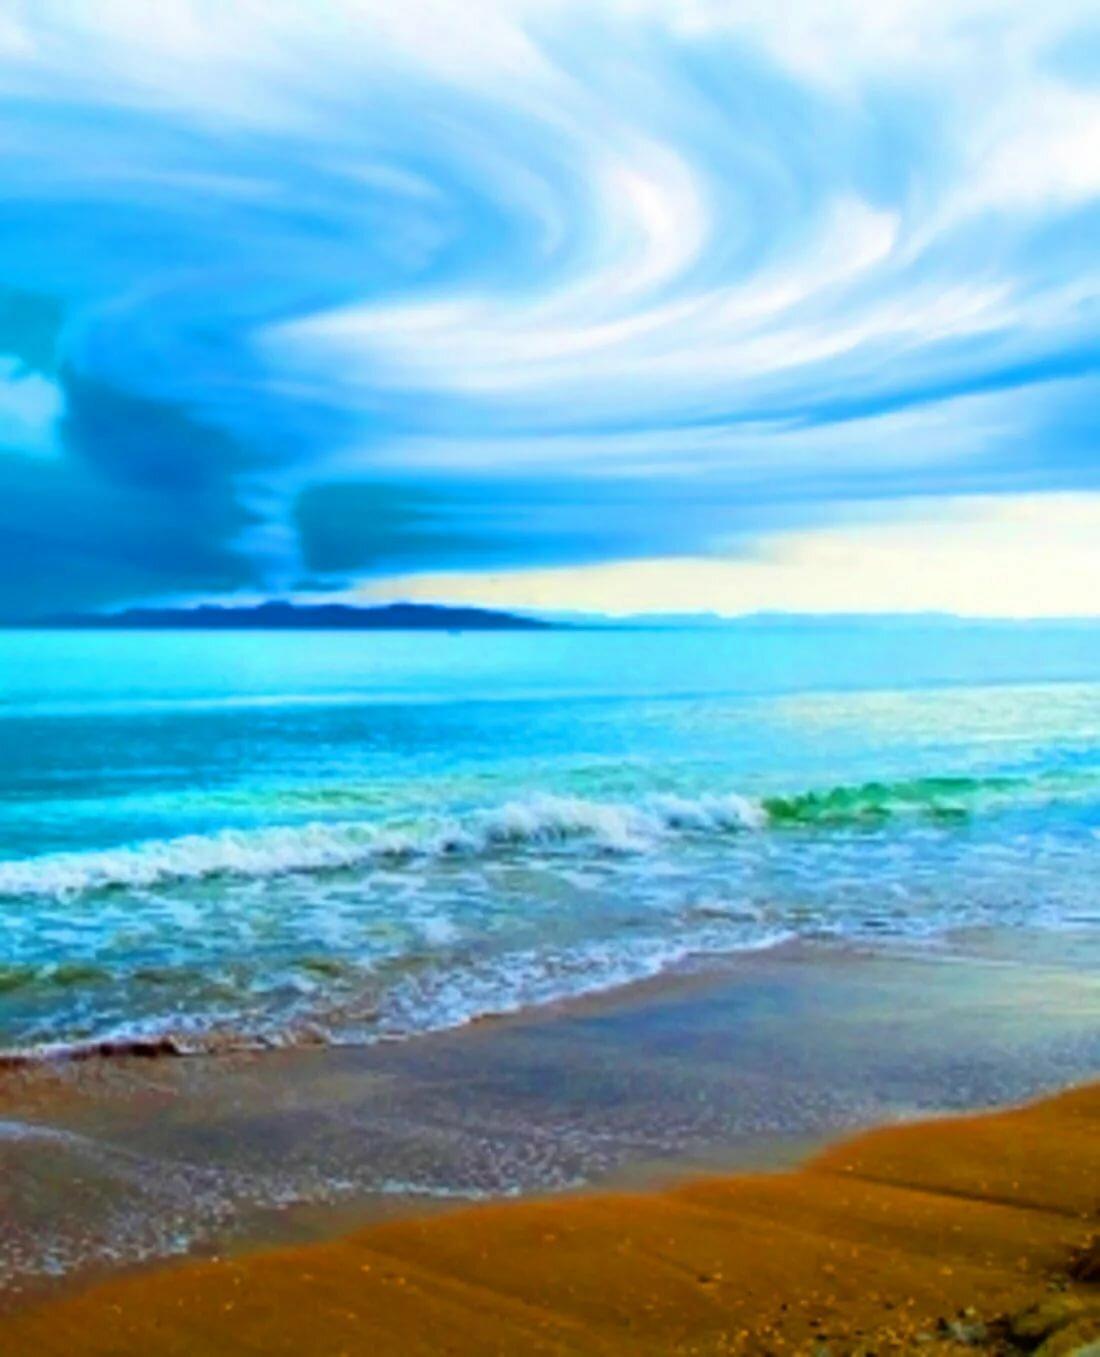 шлёпанцы фото анимация море красотище образом, иногда открытый